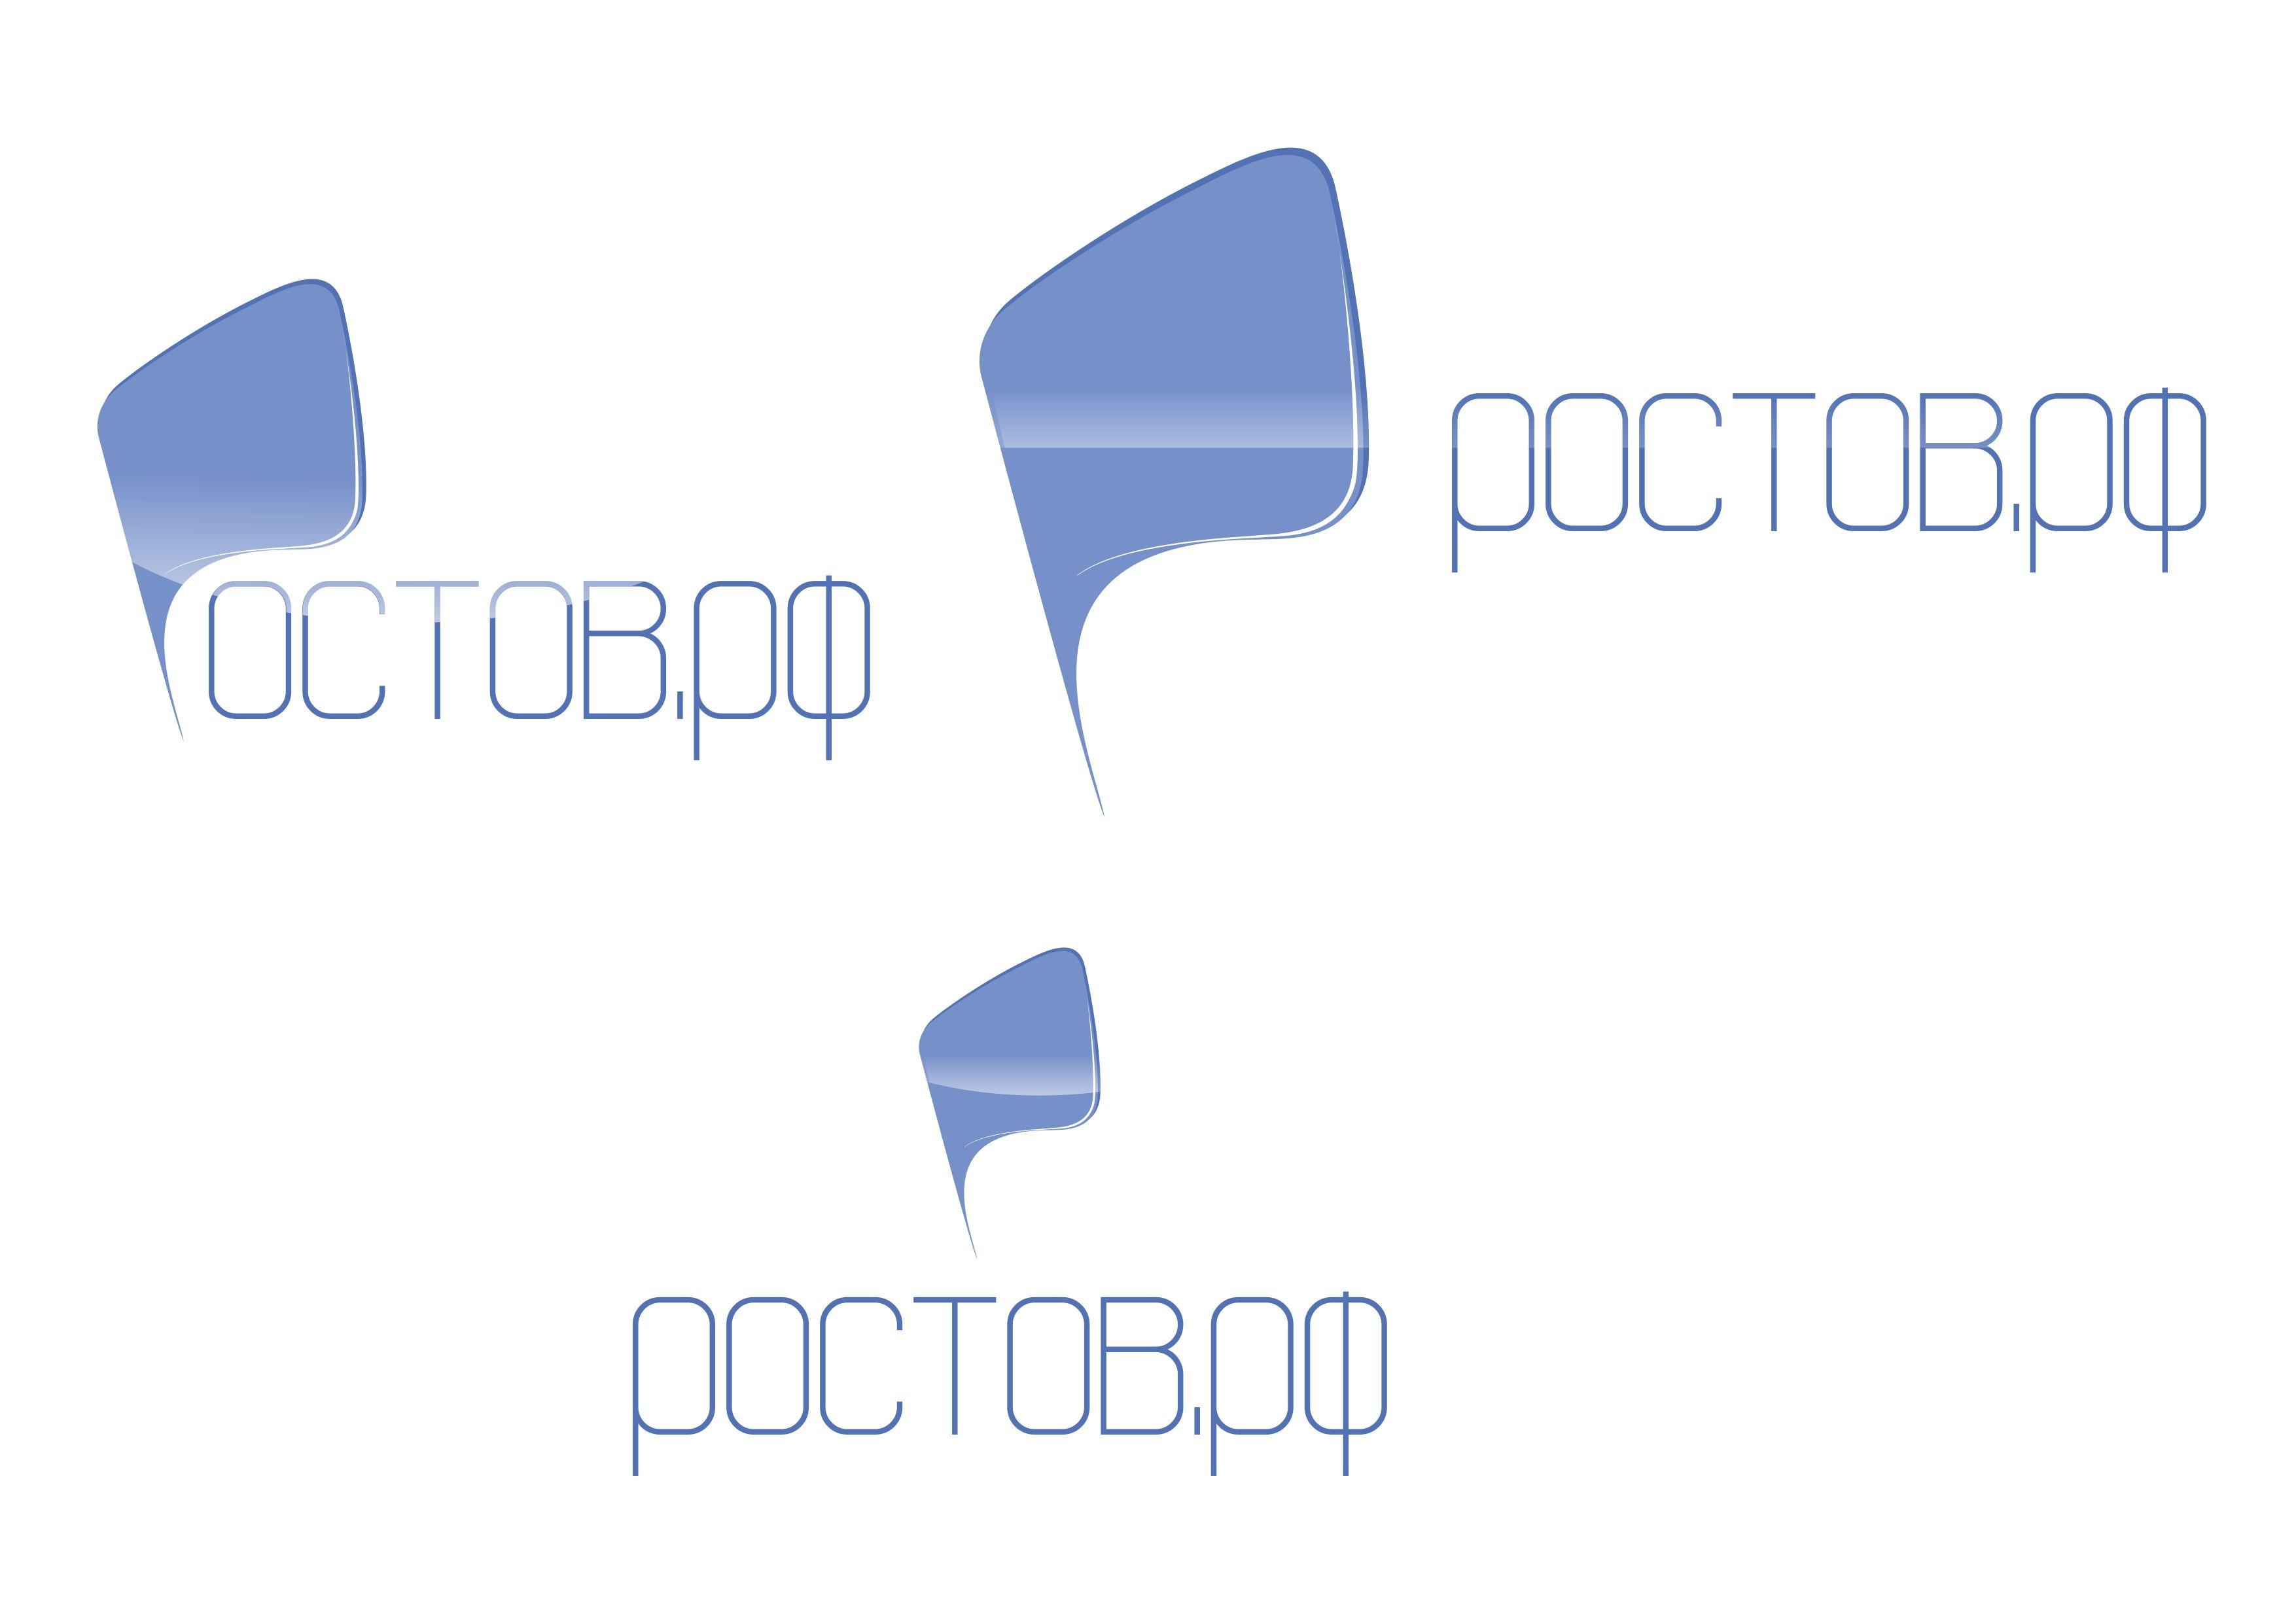 Логотип для портала Ростов.рф - дизайнер Sasha_Ko